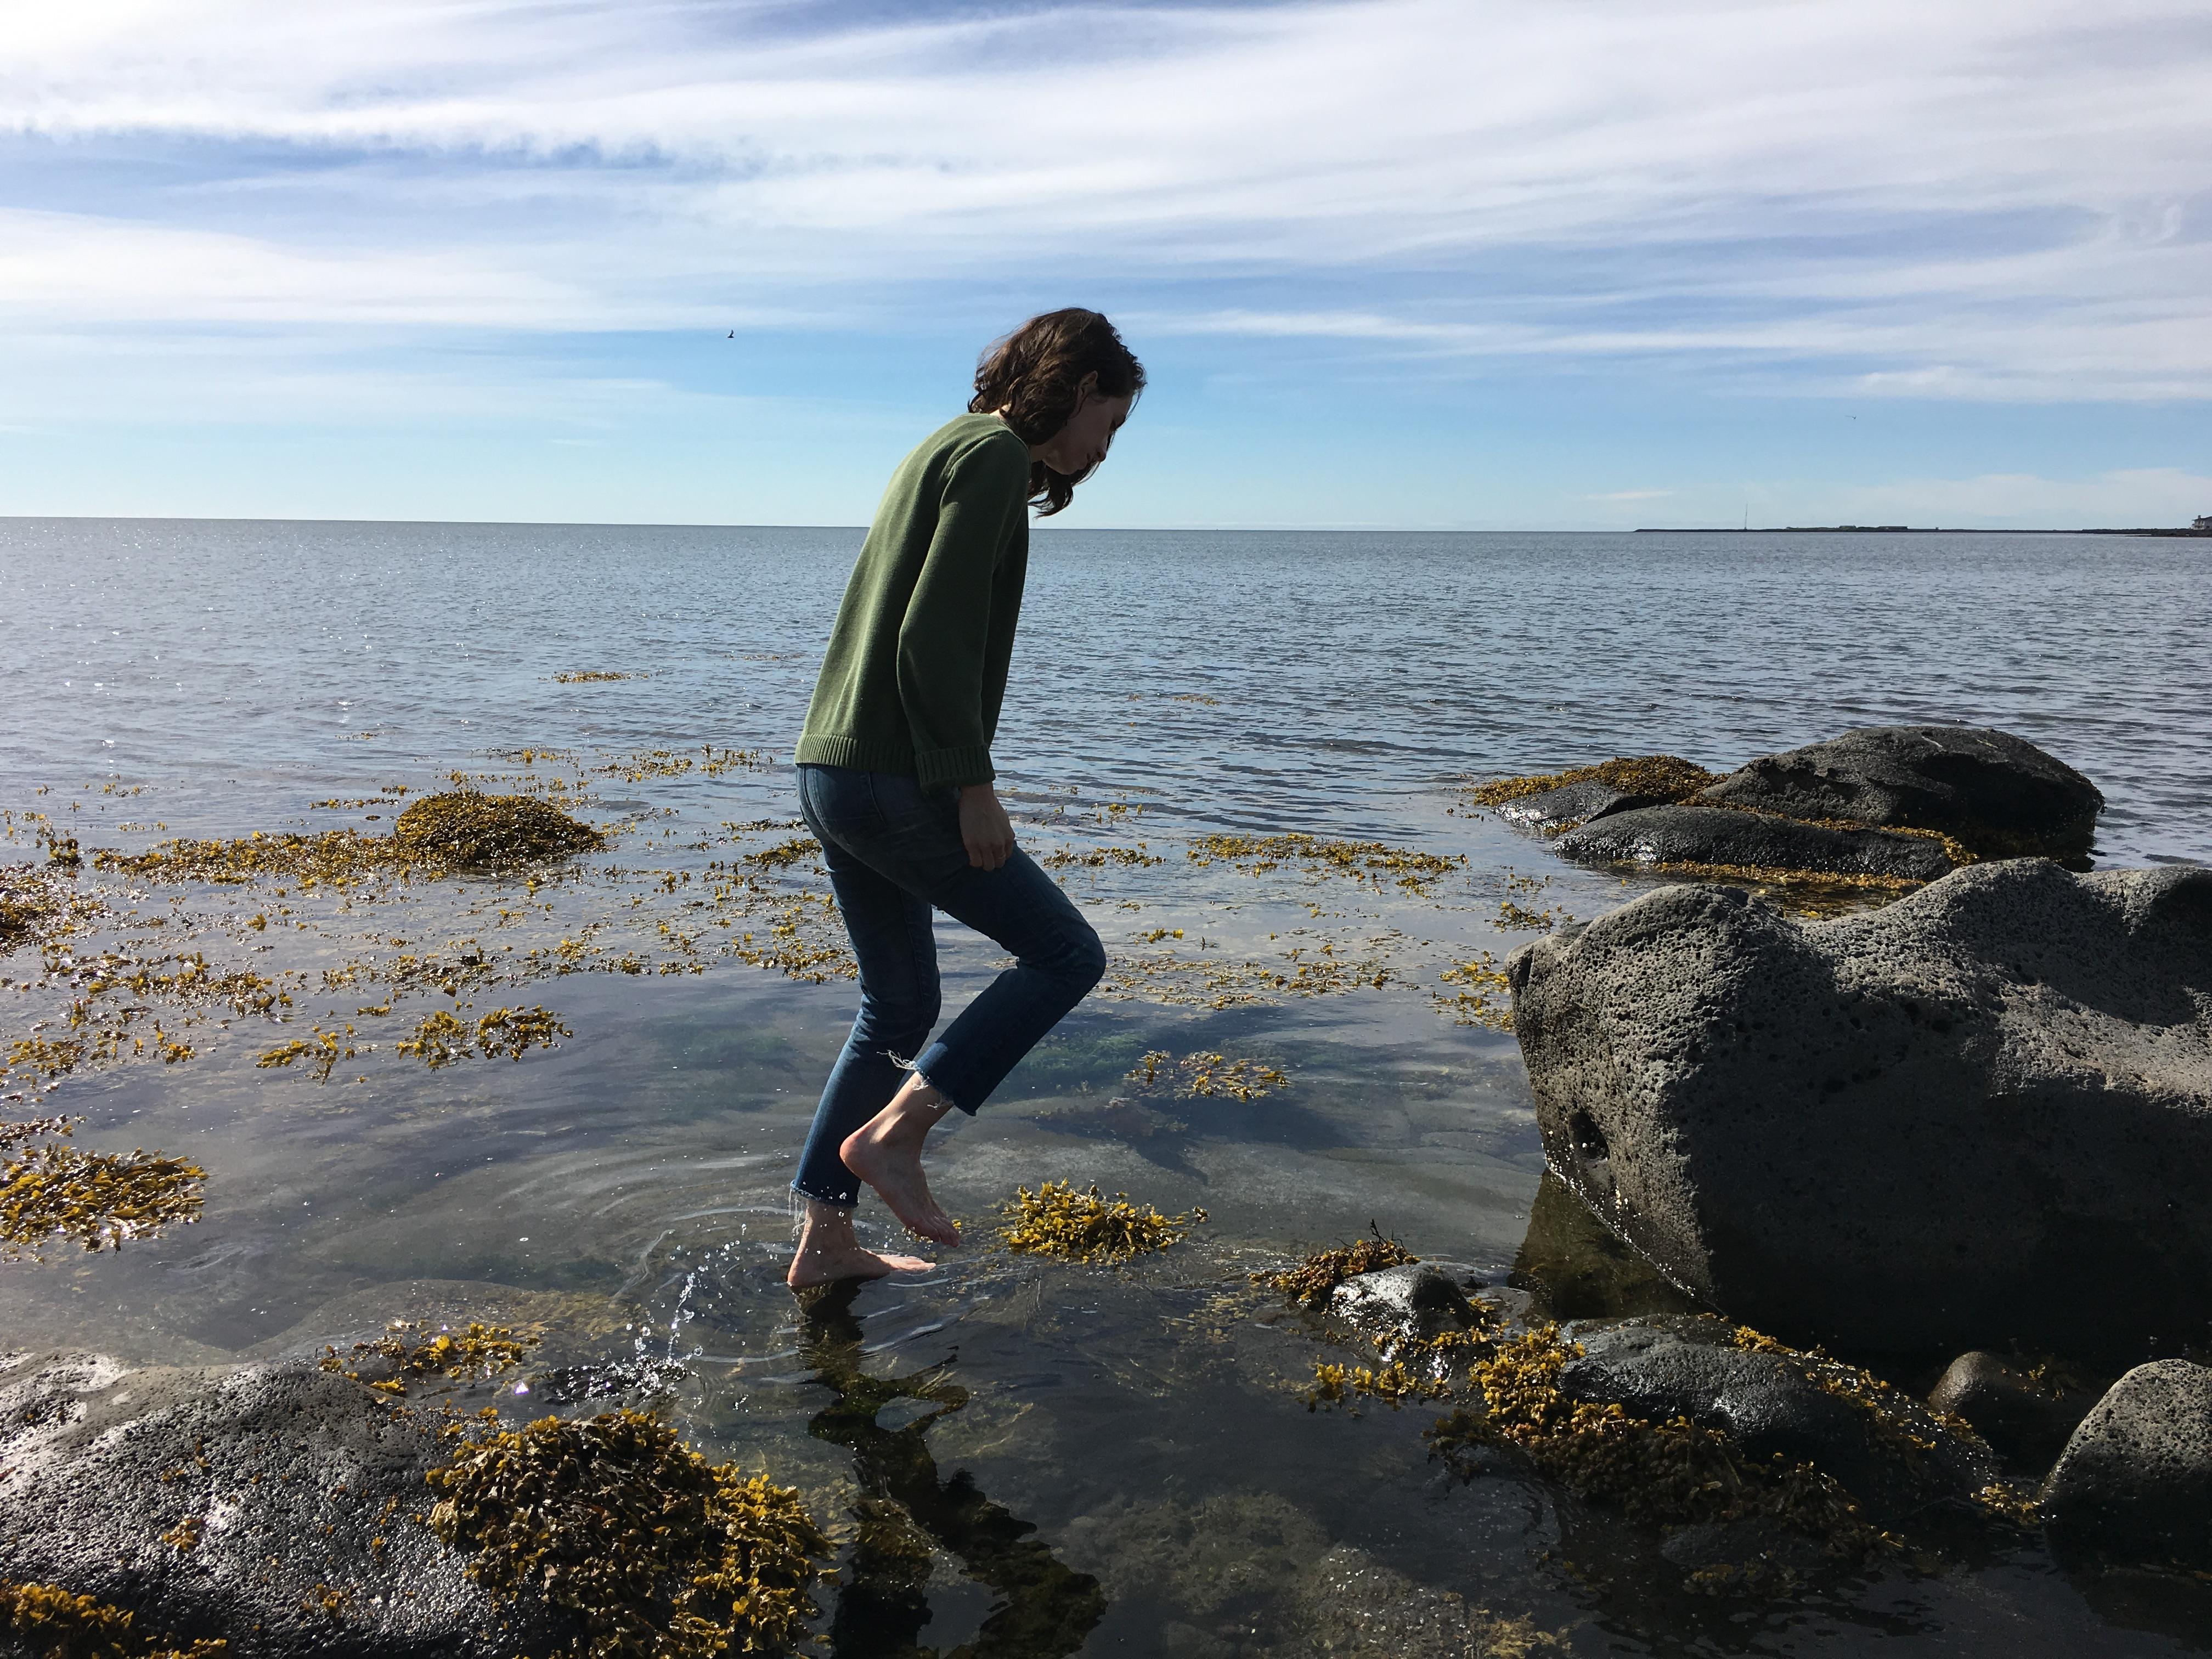 Wading in the water at Faxaskjól in Reykjavík